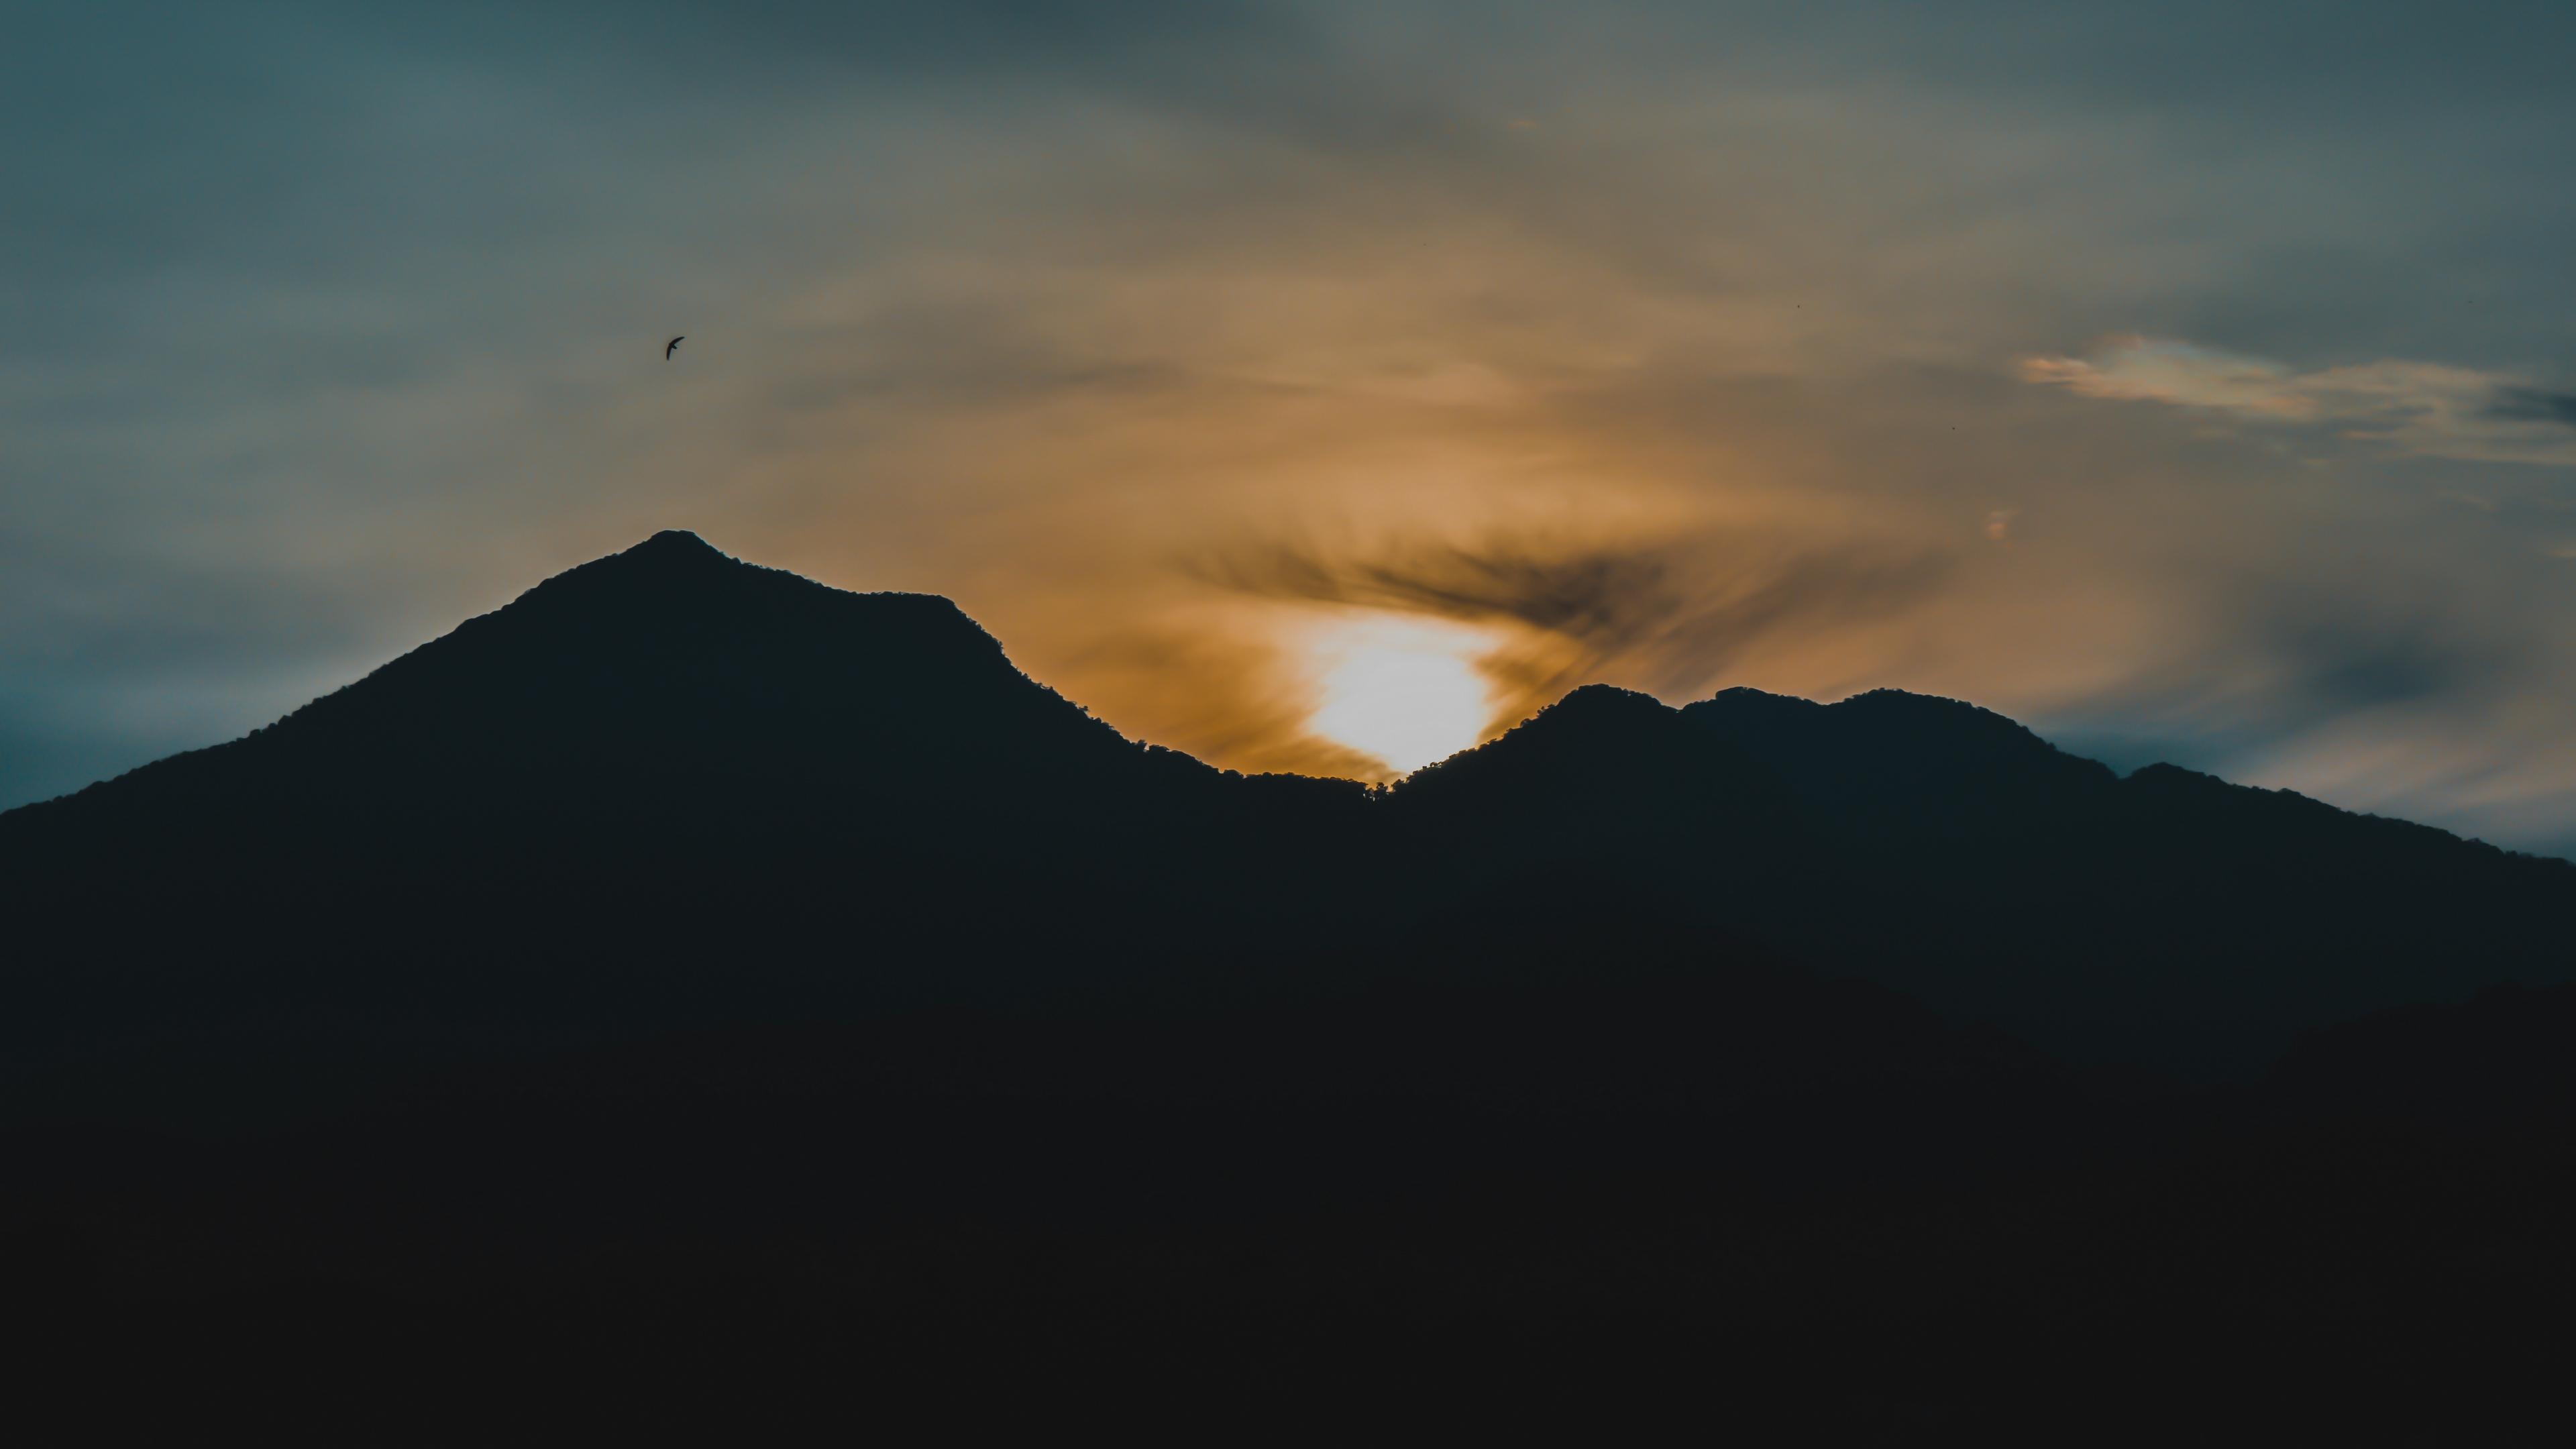 mountains sunset dark 4k 1540574949 - mountains, sunset, dark 4k - sunset, Mountains, Dark